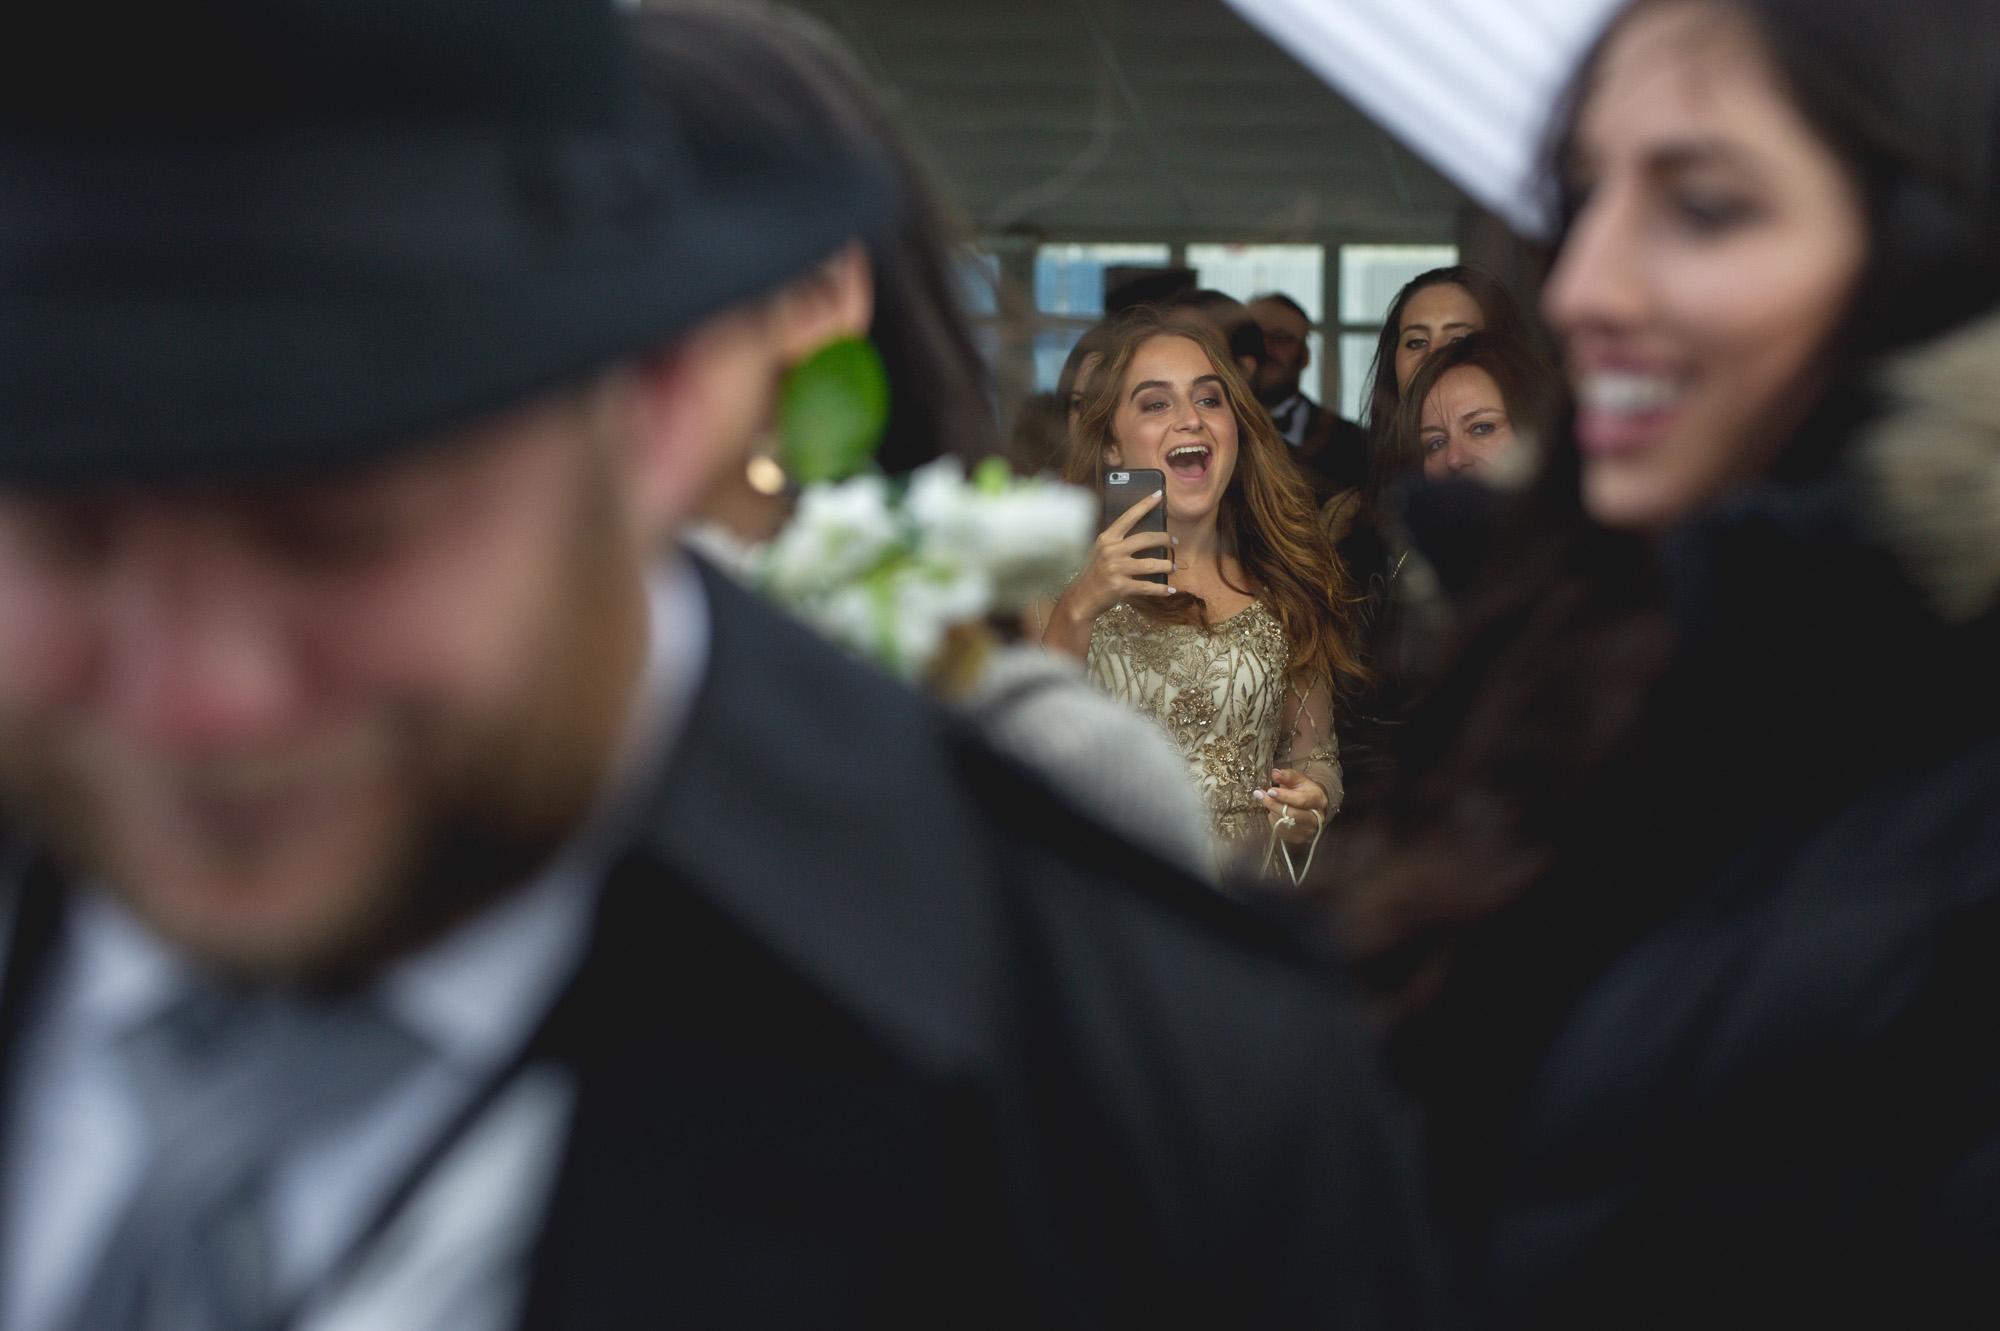 john-henry-wedding-photographer-aaron-devorah-the-lookout-056.JPG